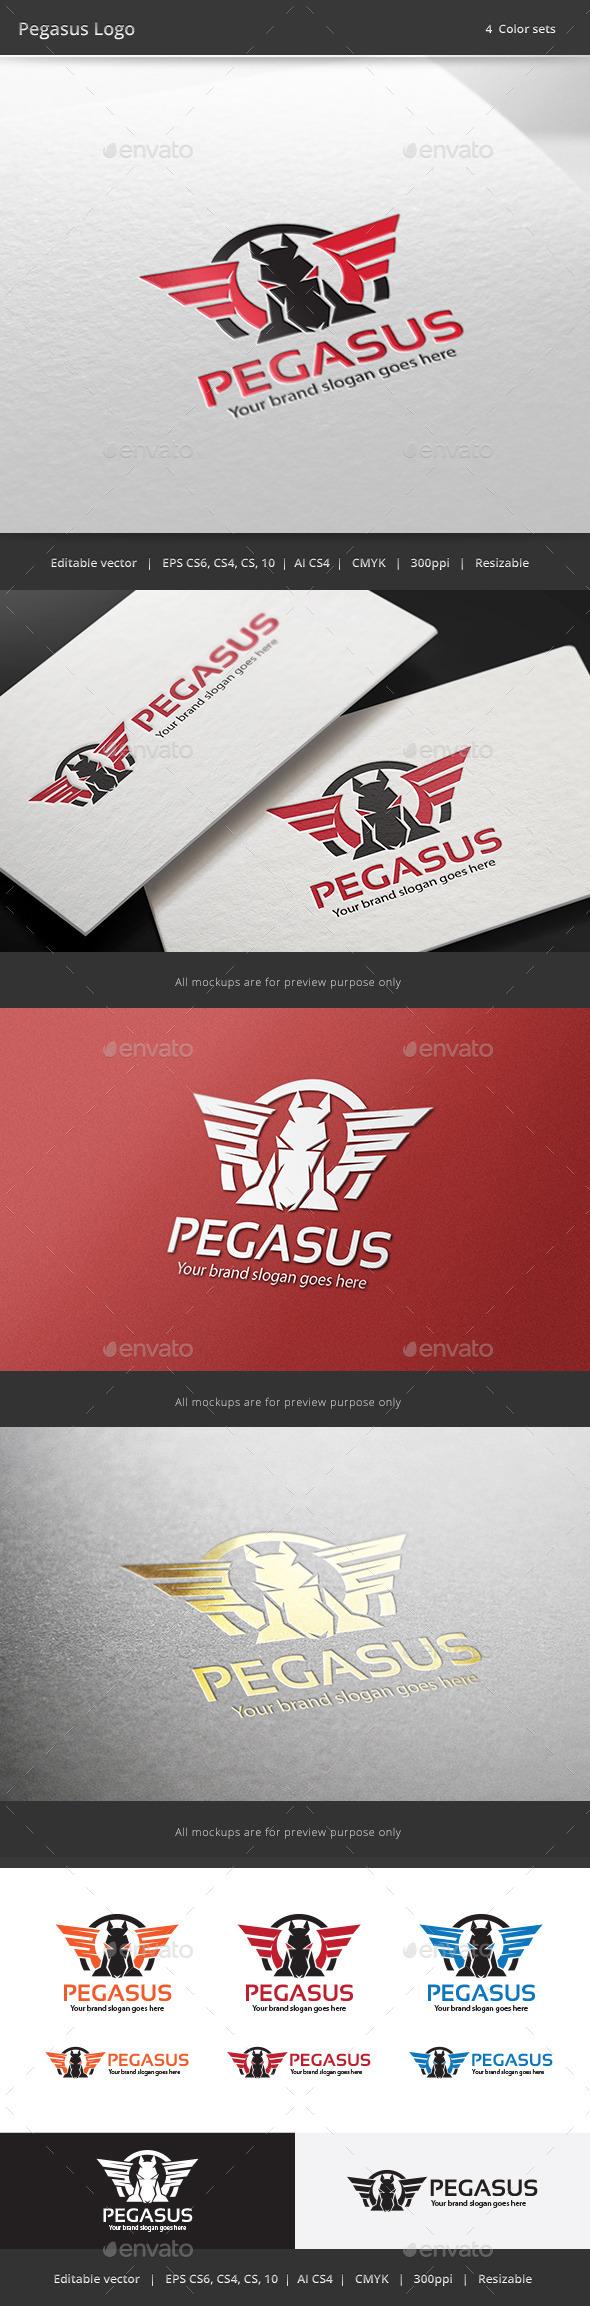 GraphicRiver Pegasus Brand Logo 9456017